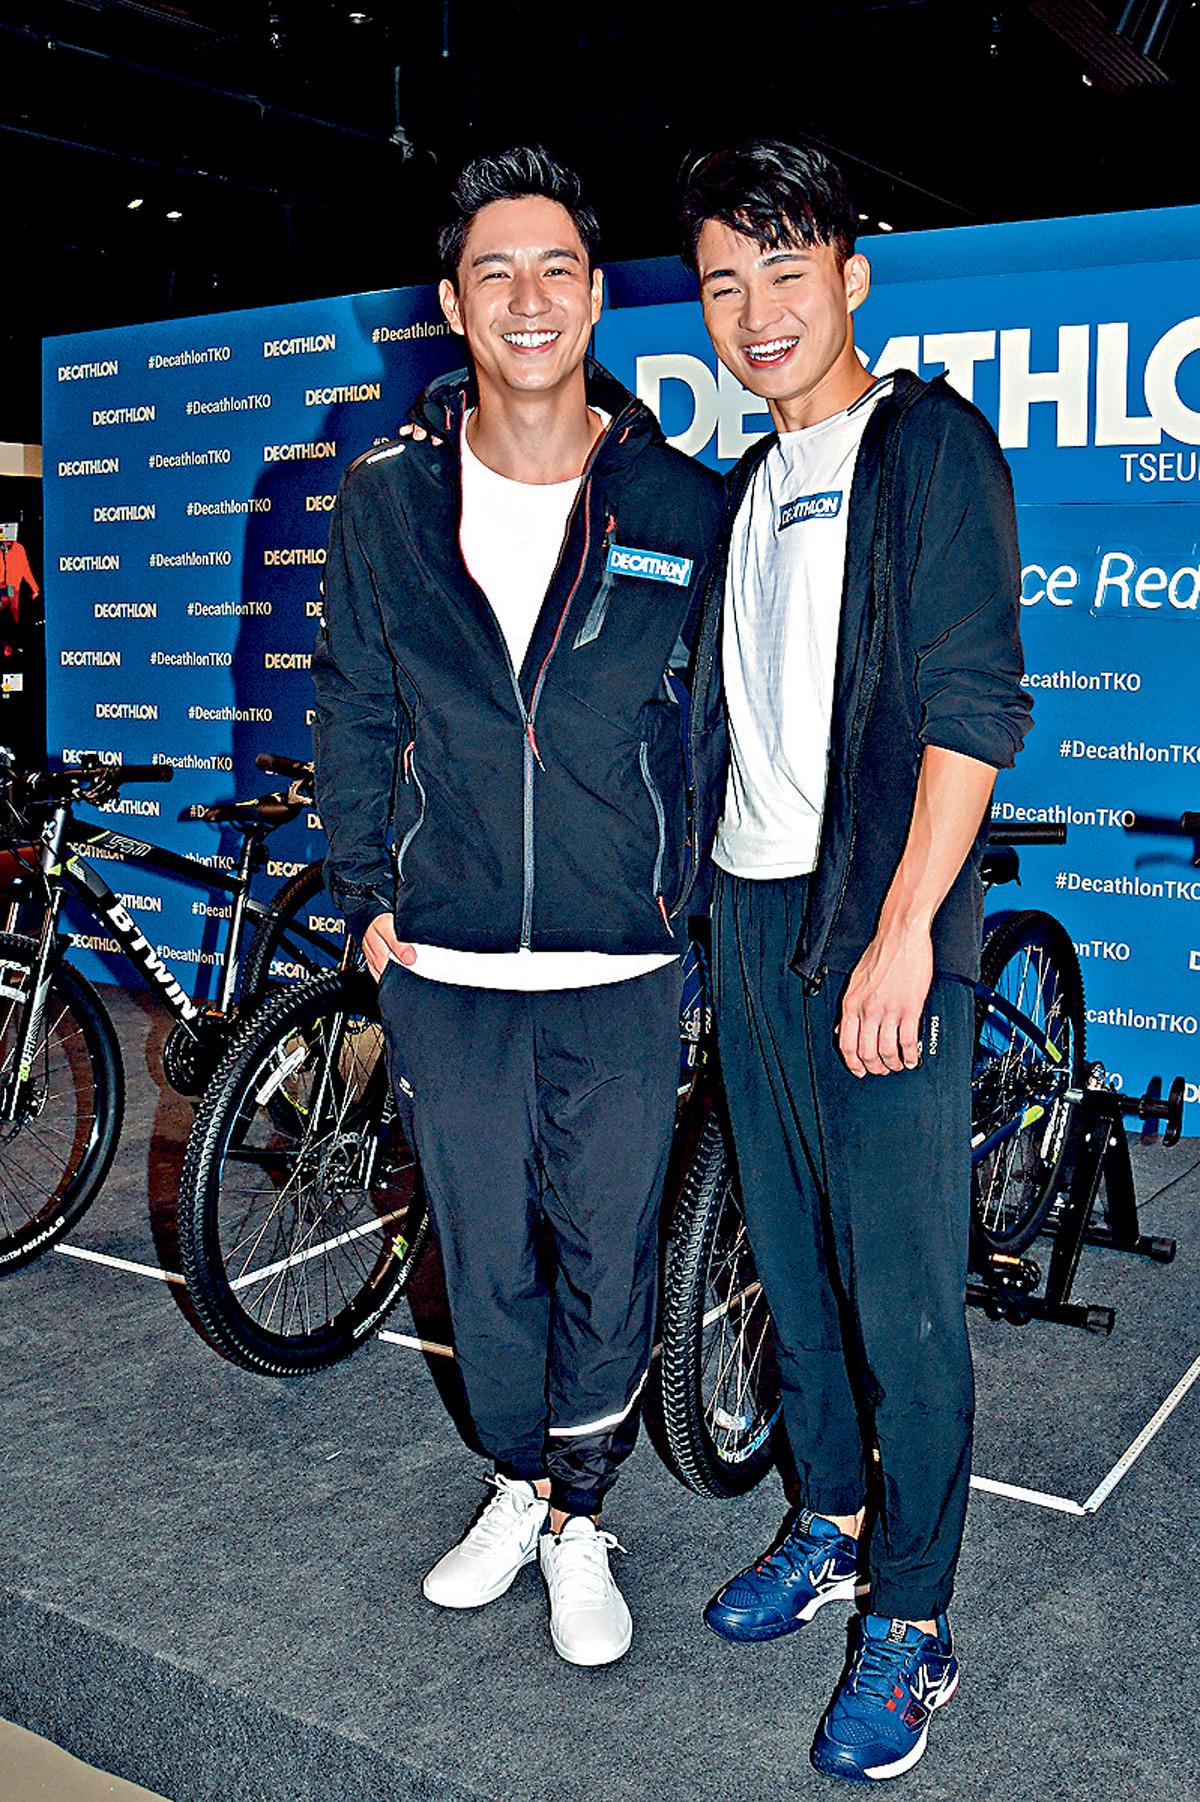 ■周嘉洛與吳偉豪在劇中飾演的廢青安及朱凌凌很受觀眾歡迎。